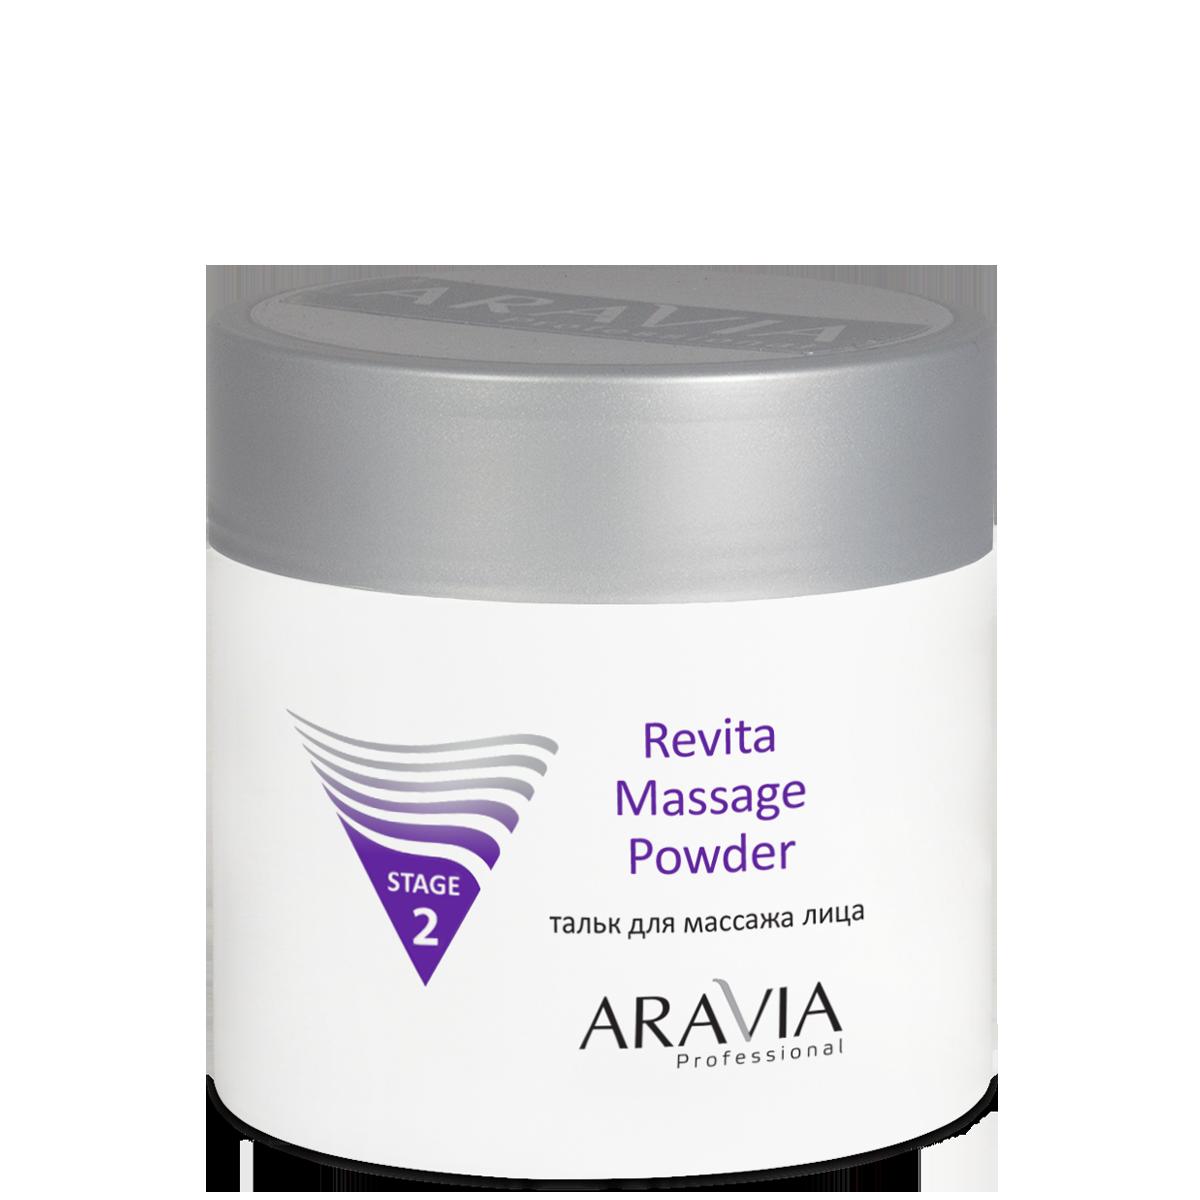 ARAVIA Тальк для массажа лица / Revita Massage Powder 300 млПудры<br>Обогащённая натуральная минеральная пудра для профессионального массажа лица, шеи и декольте. Рекомендуется для процедуры массажа по Жаке, пластического, а также корректирующего ухода за кожей при помощи аппарата Дарсонваль. Обеспечивает комфортное проведение массажа, а также оказывает противовоспалительное, успокаивающее действие на кожу. &amp;nbsp;Купирует акне элементы после процедуры чистки лица.<br><br>Класс косметики: Натуральная<br>Типы кожи: Для всех типов<br>Назначение: Акне, постакне